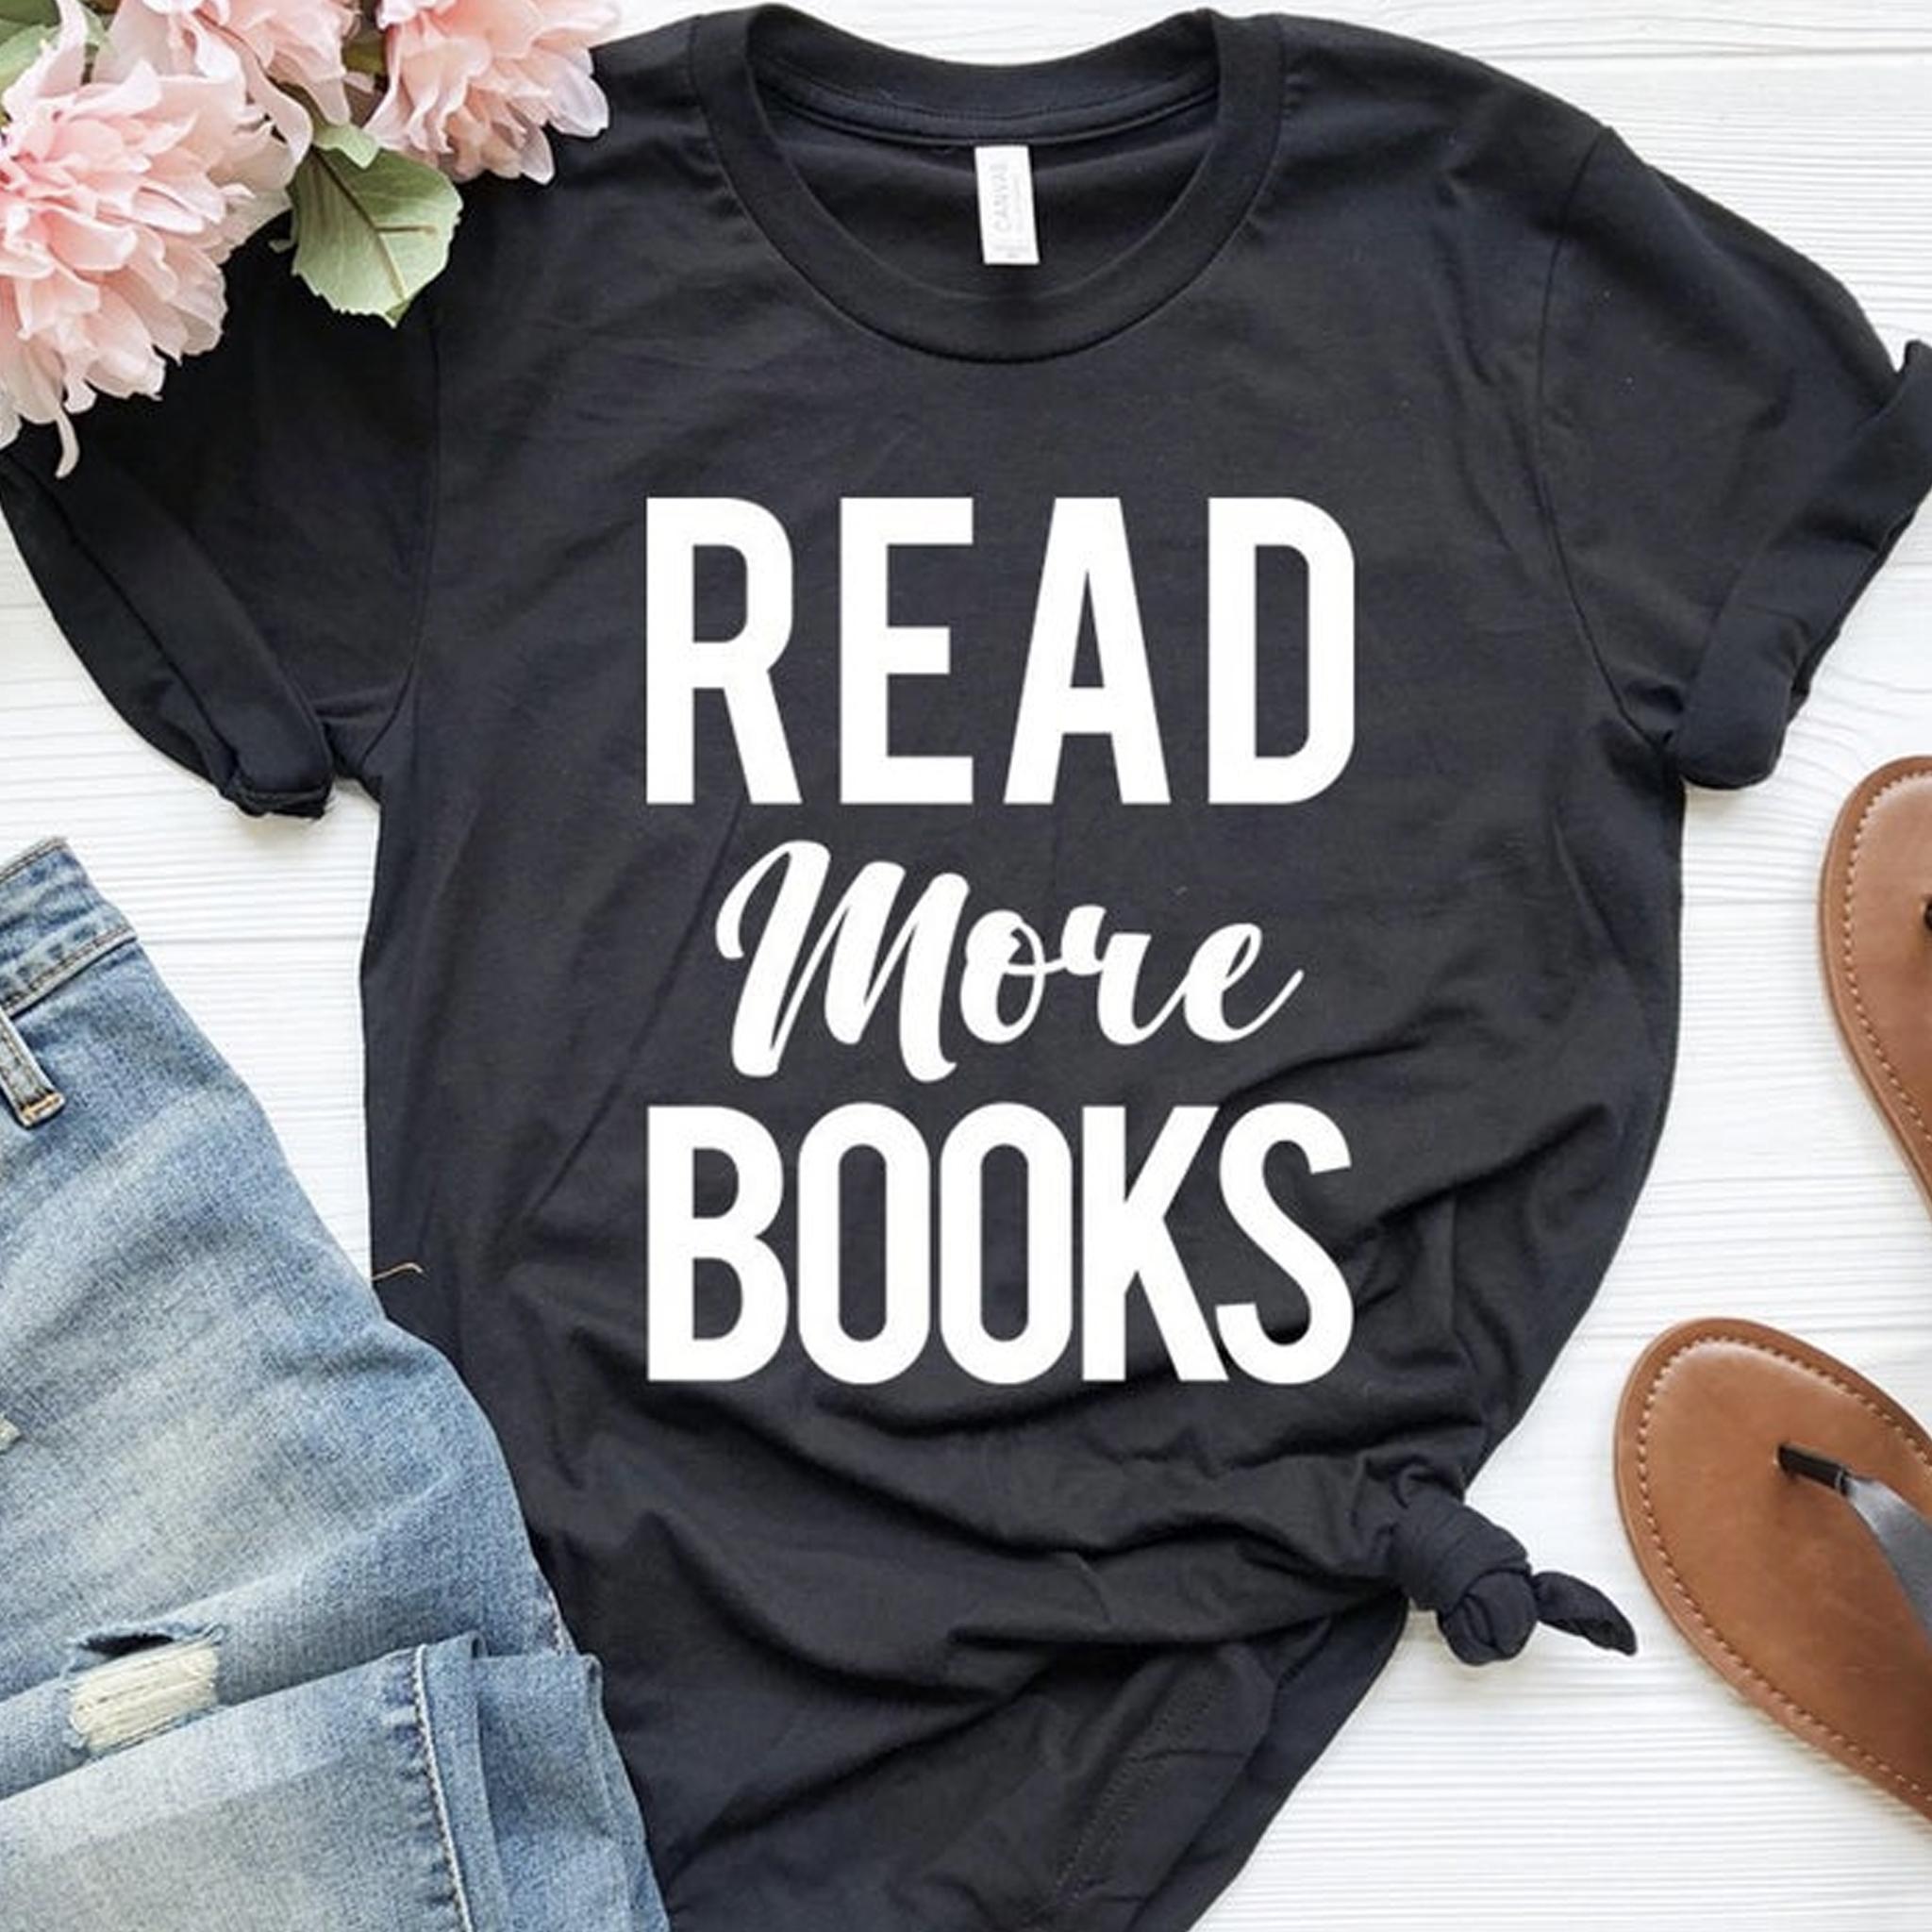 Cadeautip voor Moederdag: t-shirt voor boekenfans